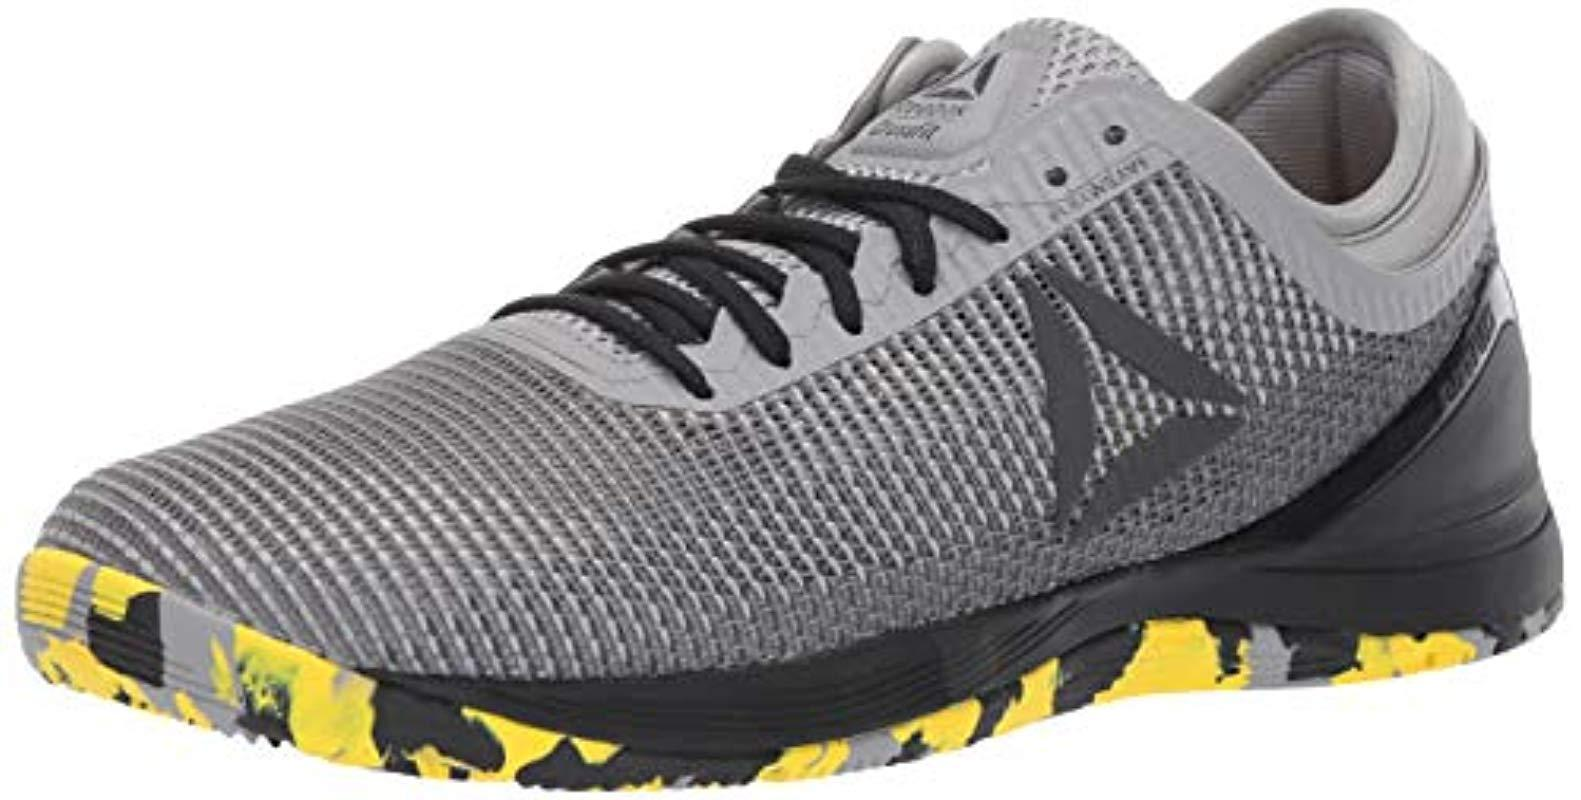 4d57fd0bf18 Lyst - Reebok Crossfit Nano 8.0 Flexweave Cross Trainer Shoe in Gray ...